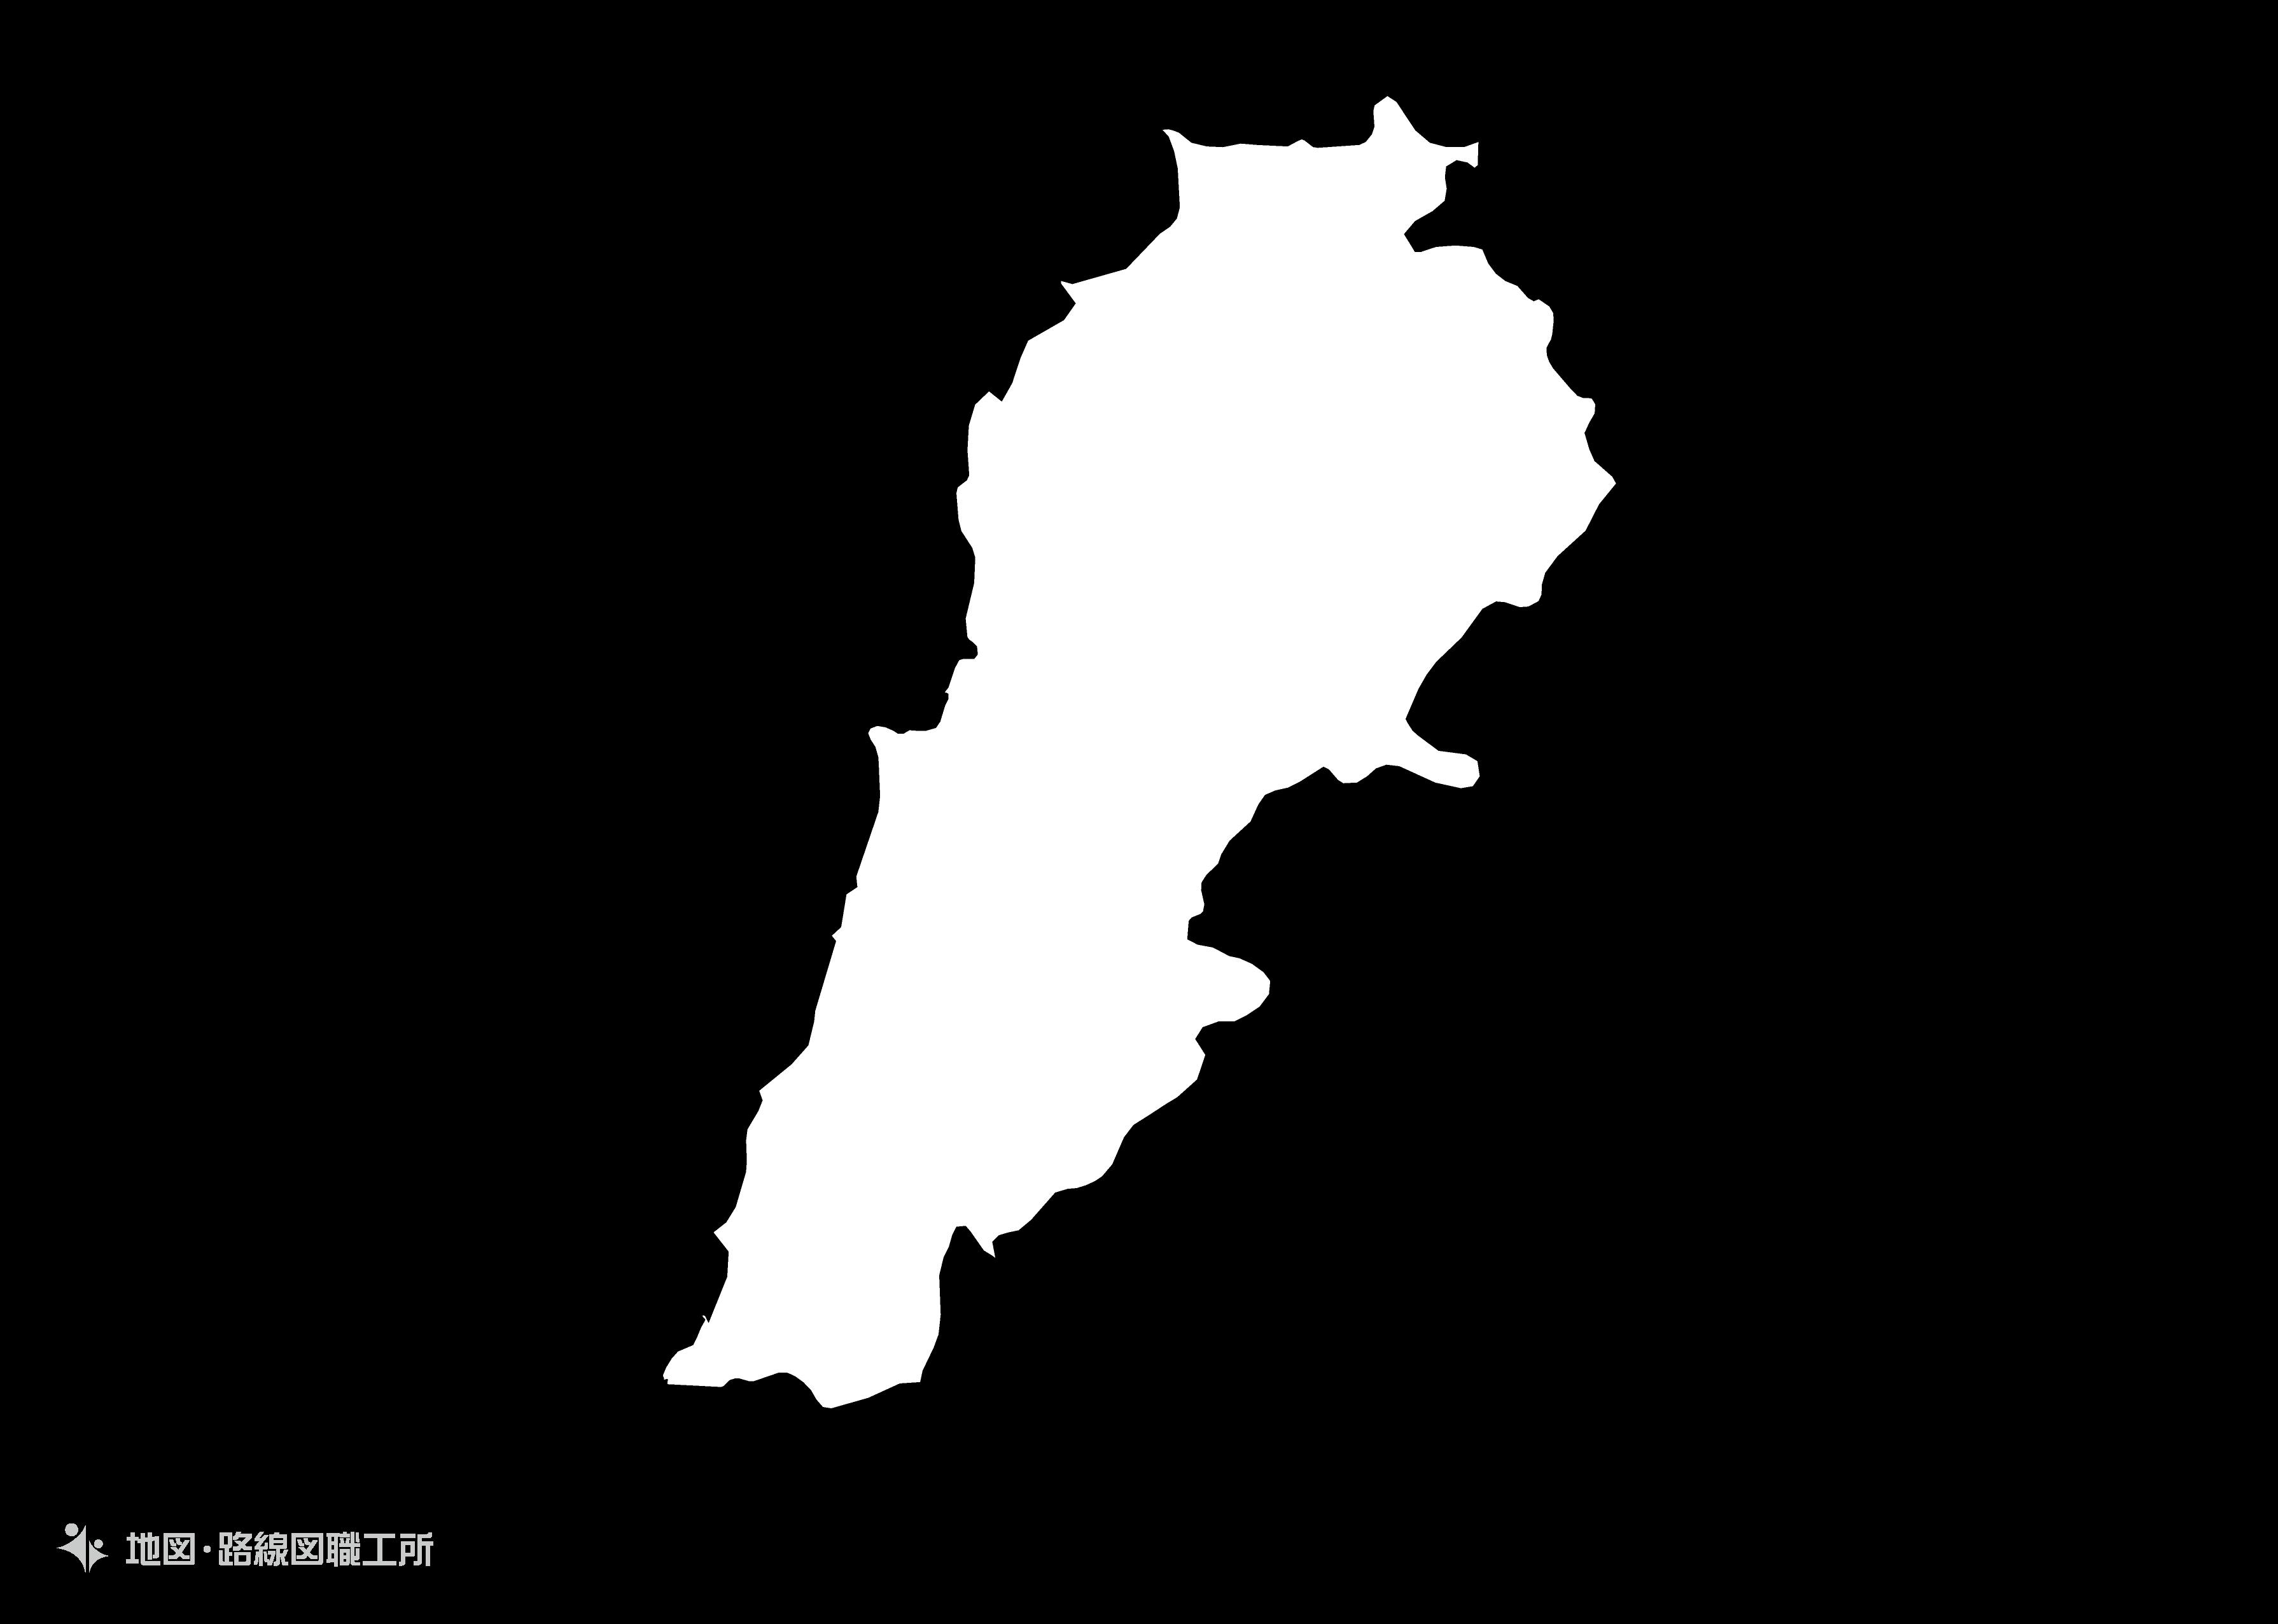 世界の白地図 レバノン共和国 republic-of-lebanon map